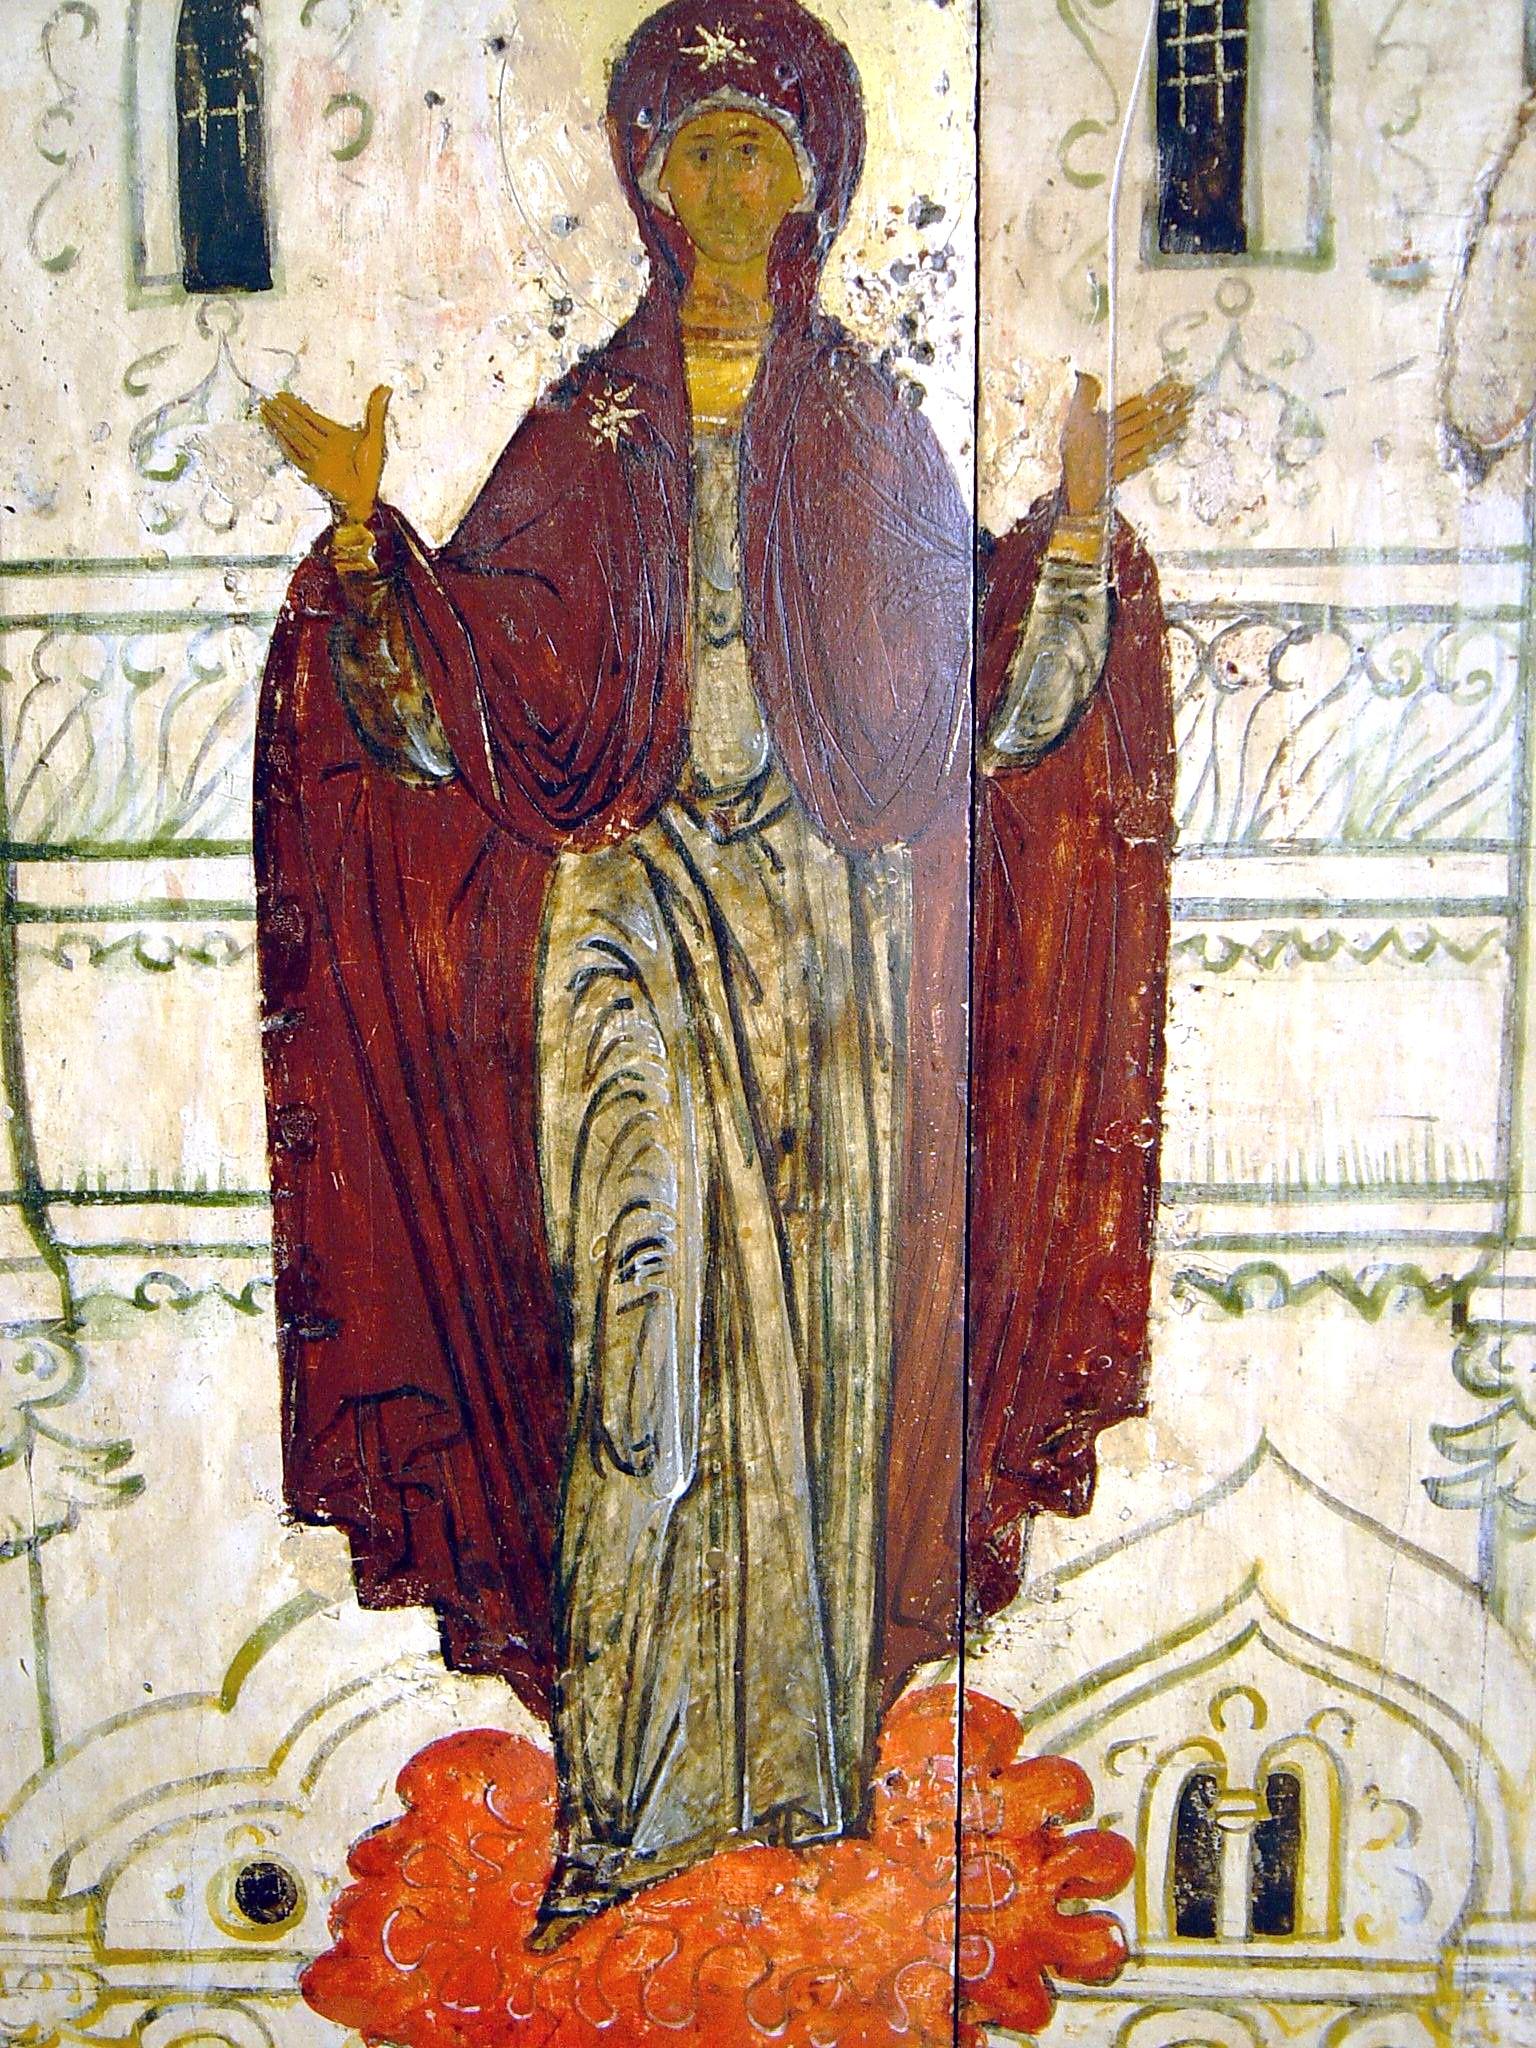 Покров Пресвятой Богородицы. Икона XVI века. Фрагмент. Пресвятая Богородица.